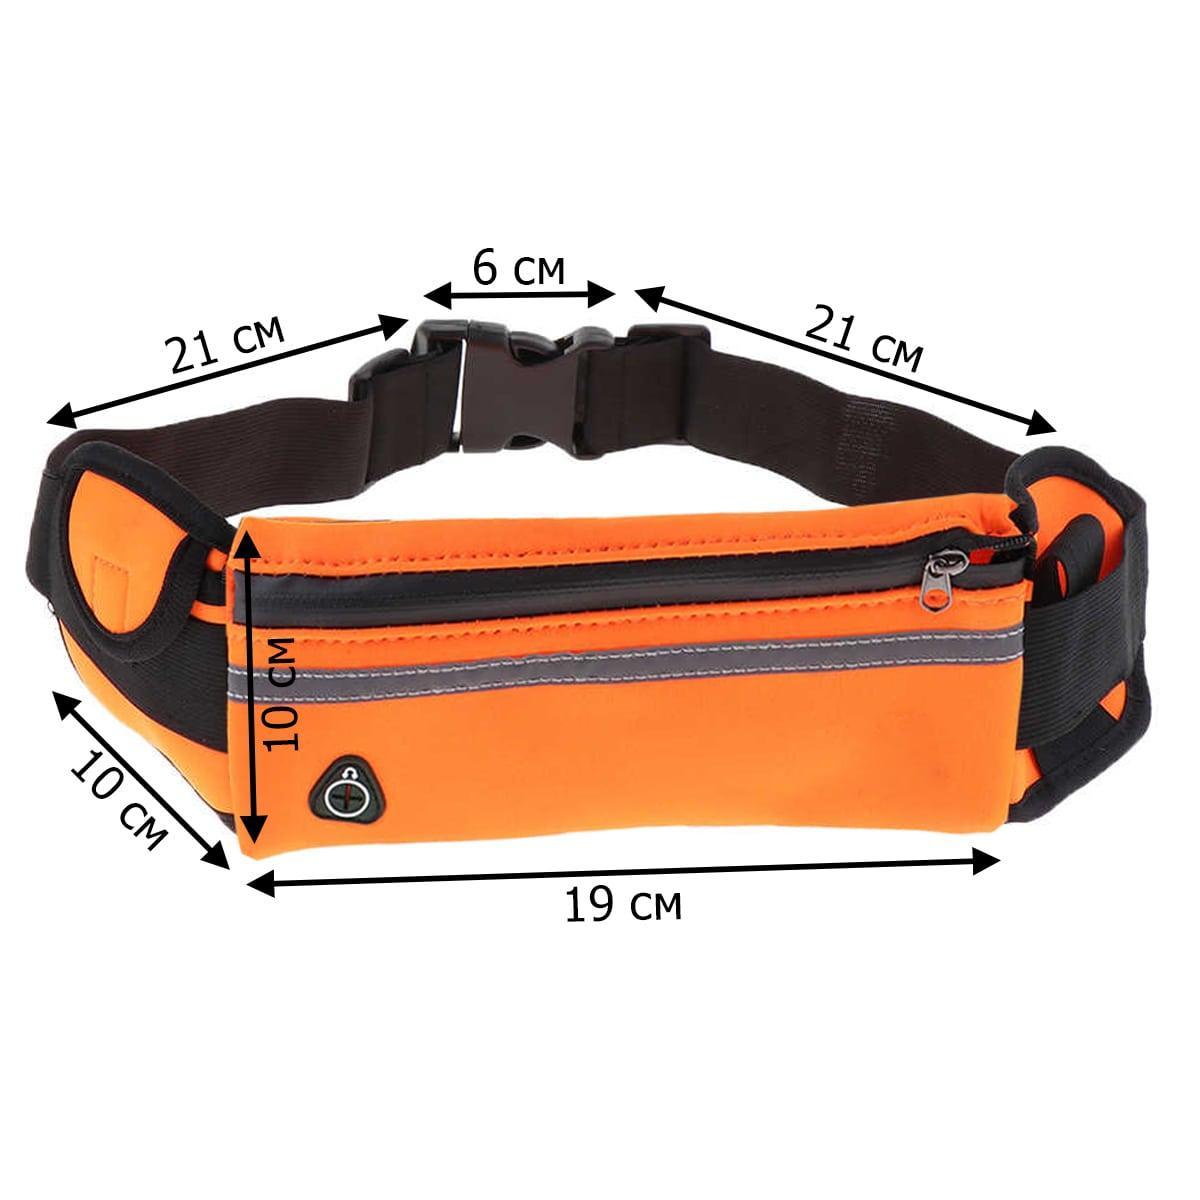 Сумка спортивная поясная для телефона оранжевая - фото 2